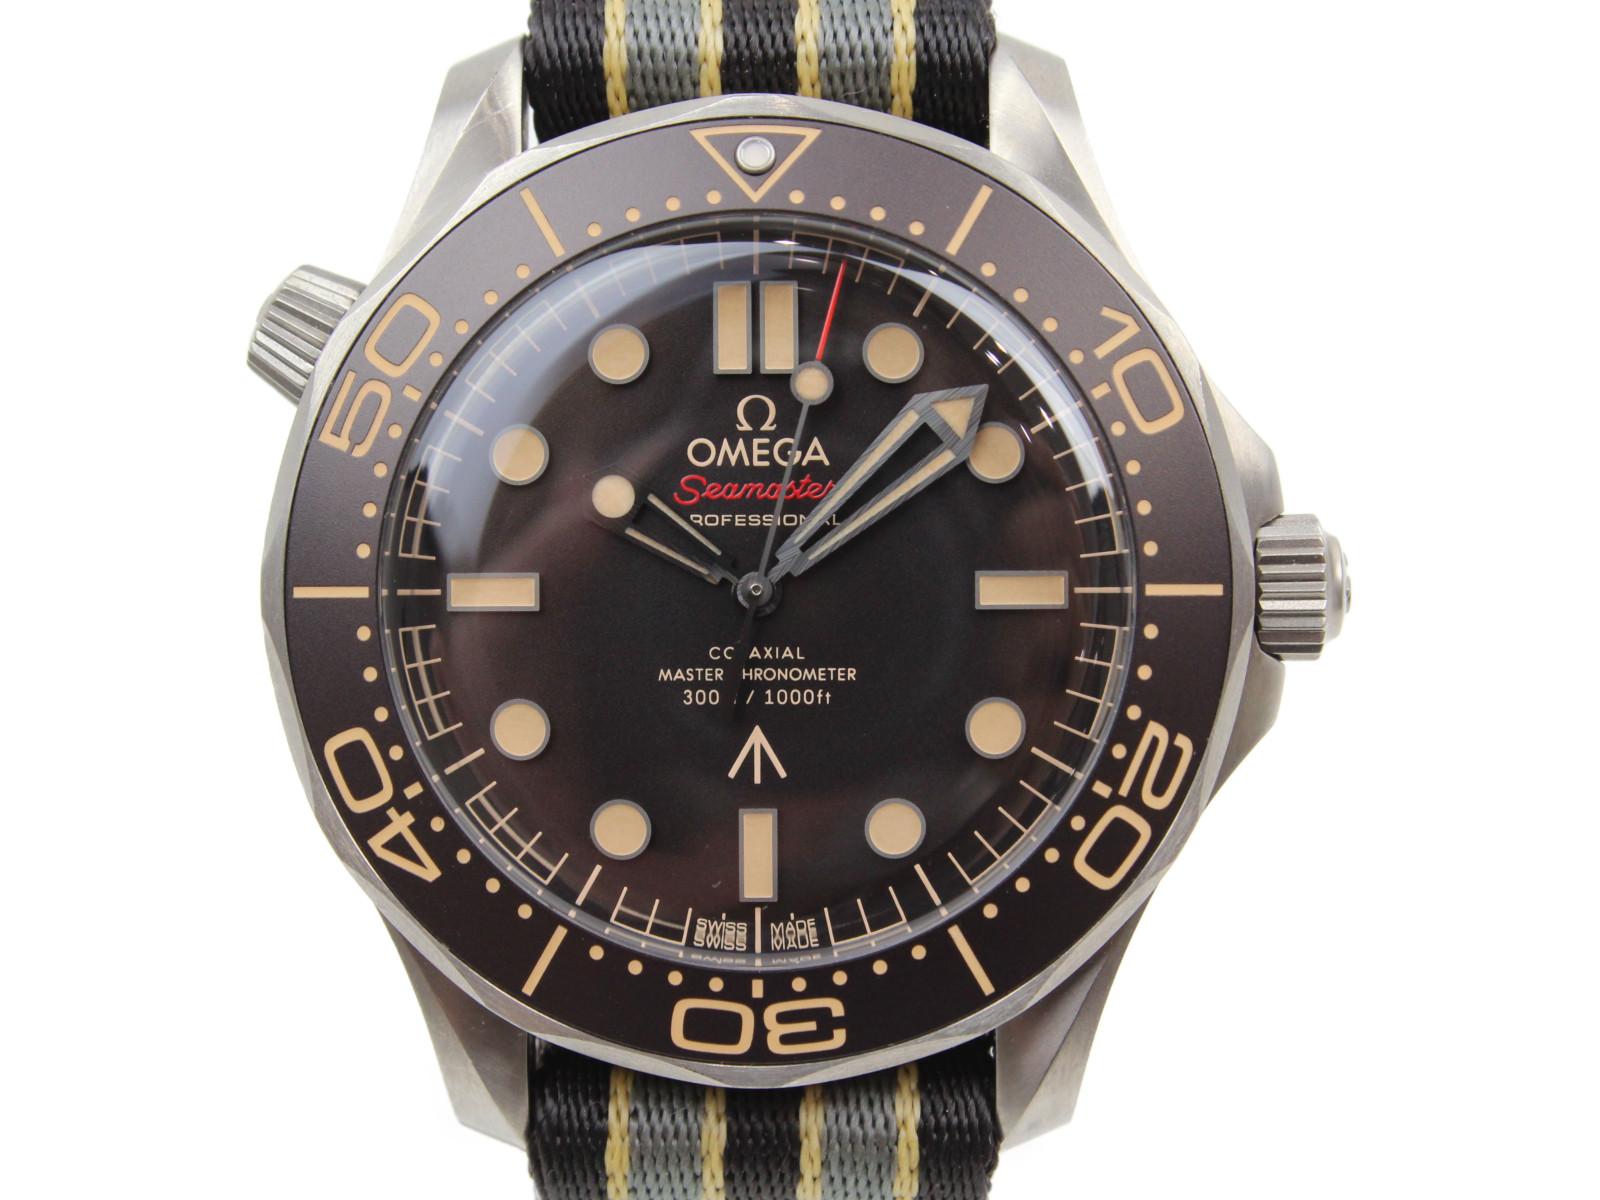 【007エディション】OMEGA オメガ シーマスター コーアクシャル マスター クロノメーター 自動巻き チタン ブラウン メンズ 腕時計【中古】